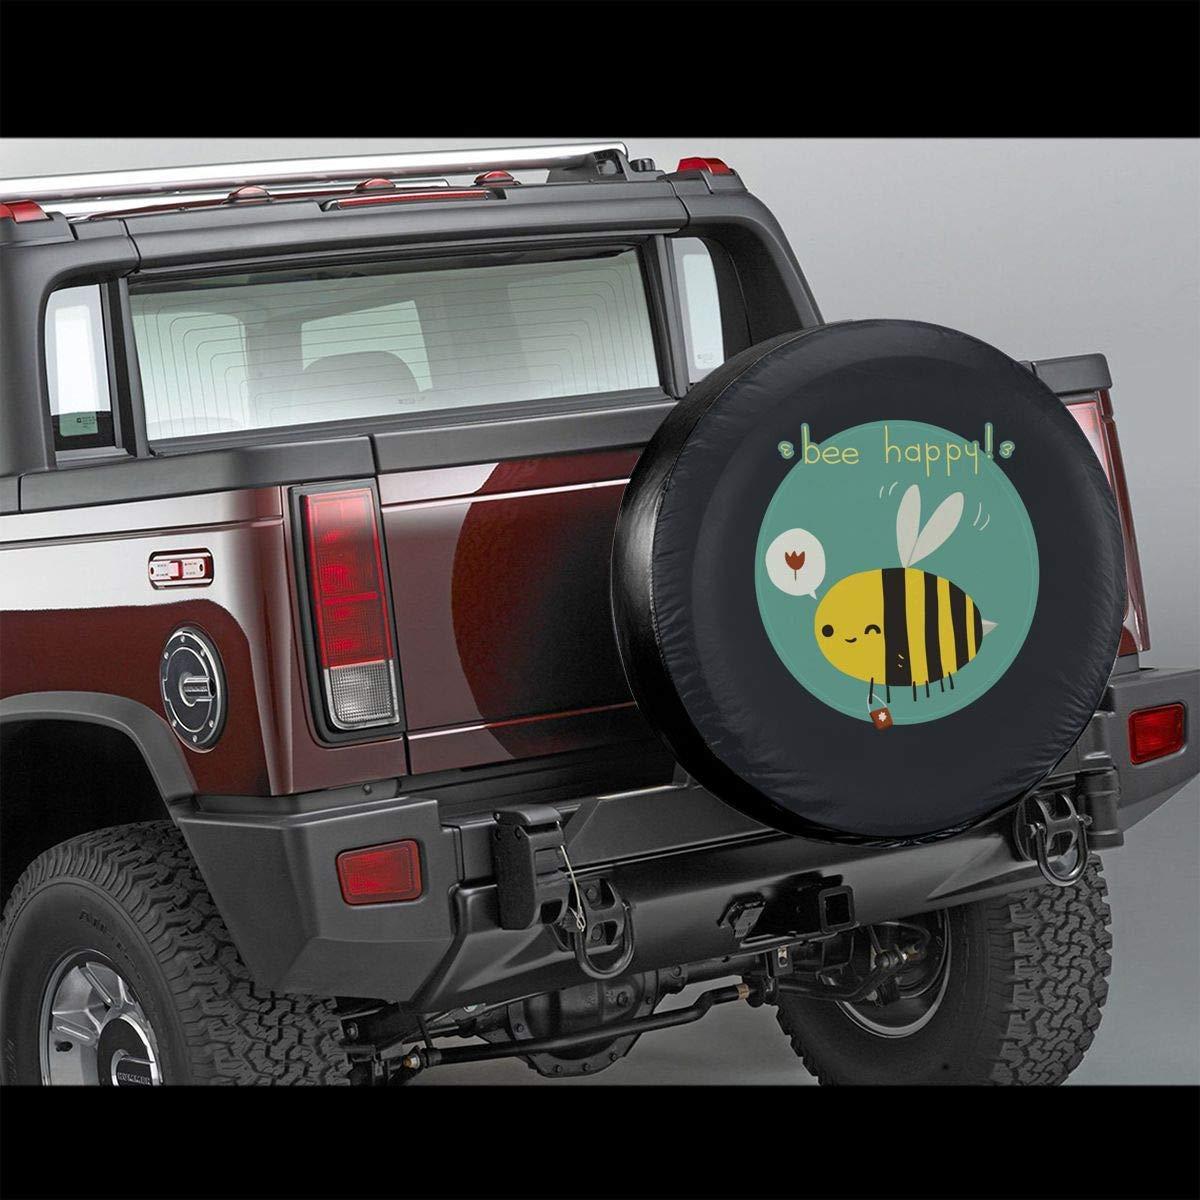 Xhayo Waterproof Reifentaschen Autor/ädertaschen,Bib Beekeeper Keeps staubdicht Radreifenabdeckung f/ür Anh/änger,RV,SUV,LKW und mehr